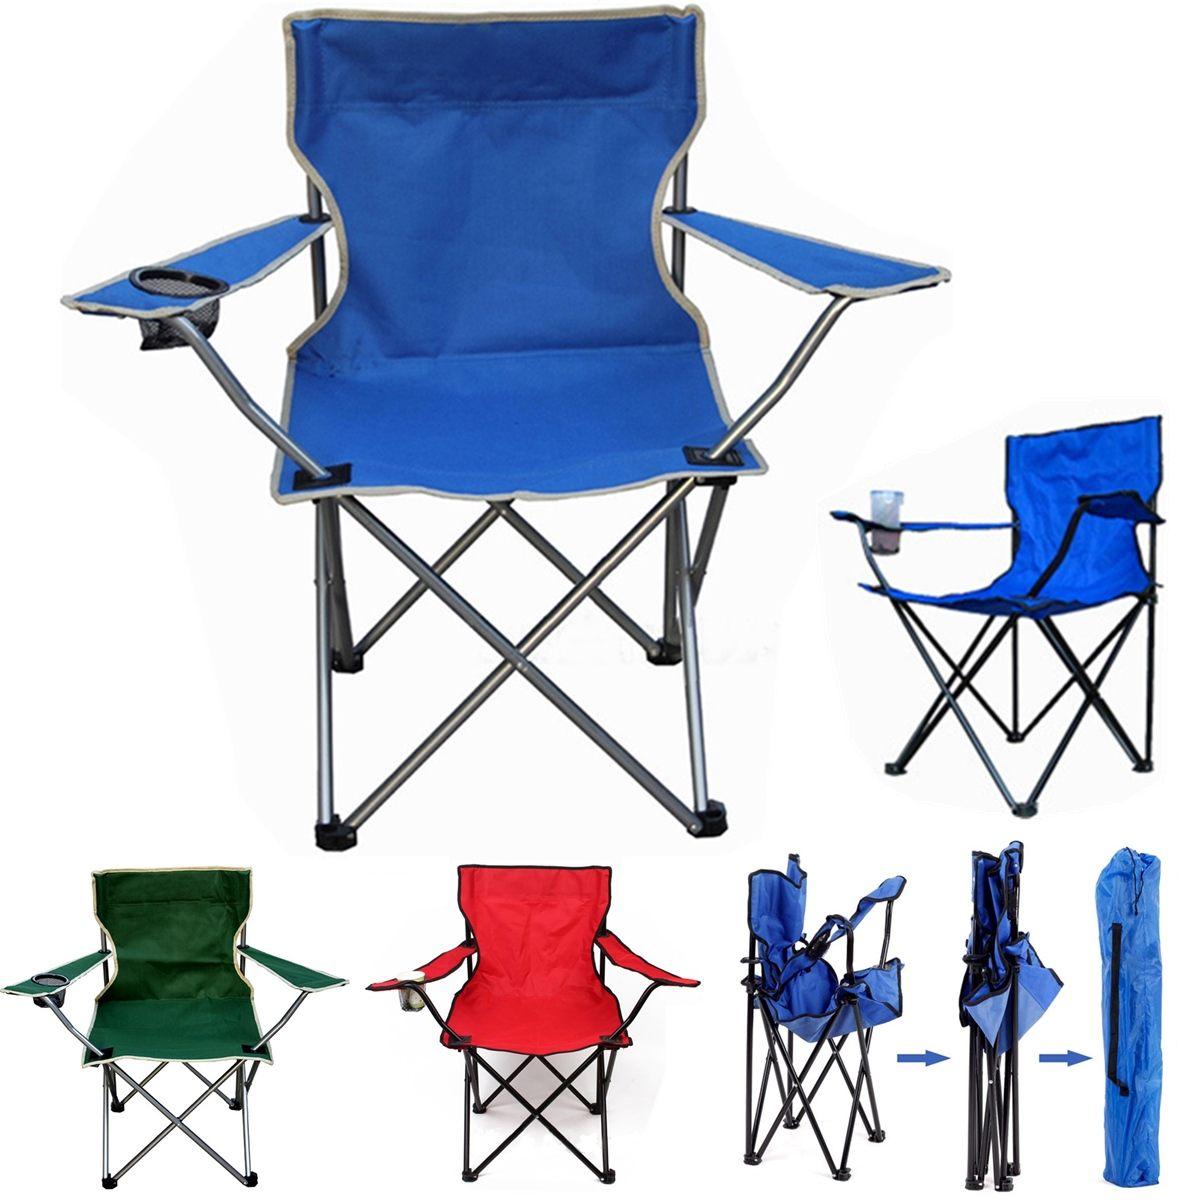 Ao ar livre portátil dobrável cadeira de pesca acampamento praia piquenique cadeira assento com suporte de copo oxford pano leve assento cadeira